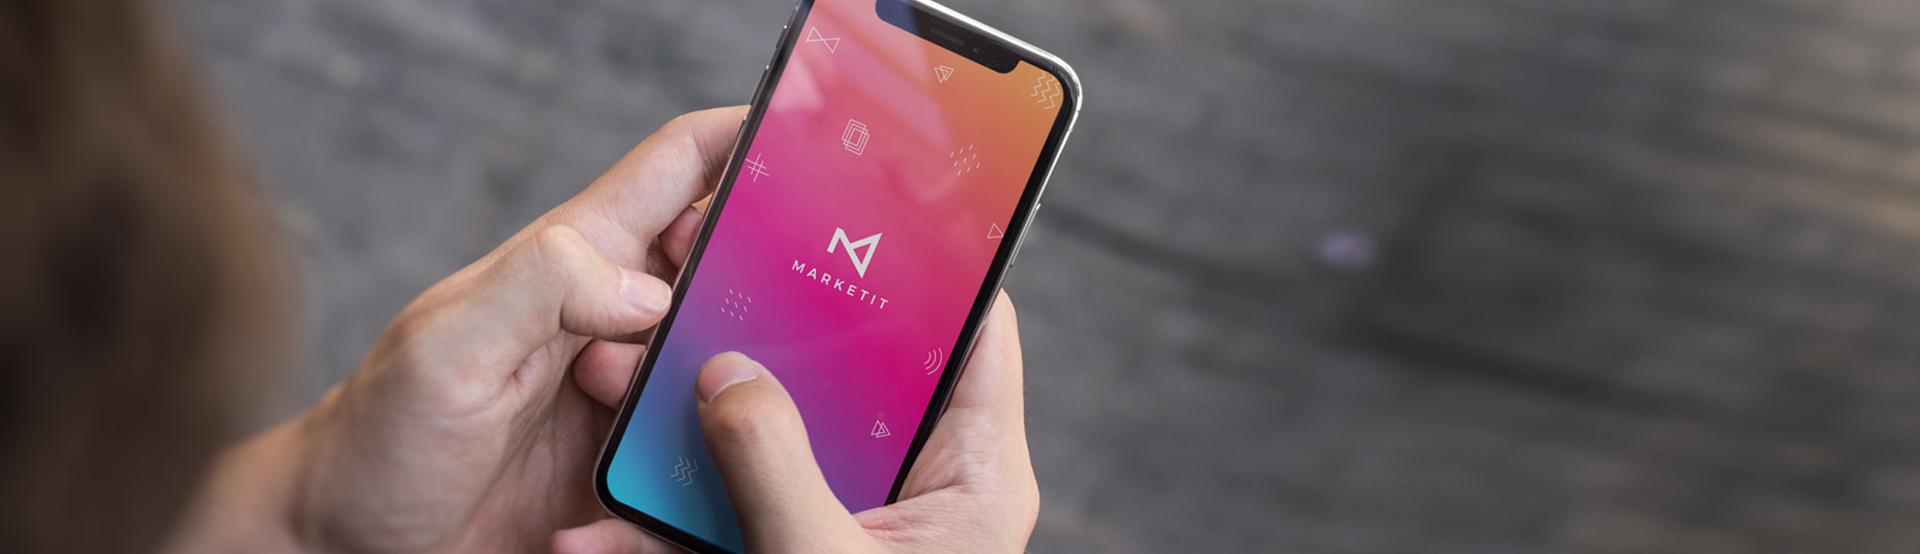 인플루언서 마케팅 플랫폼 마켓잇의 앱사용이미지